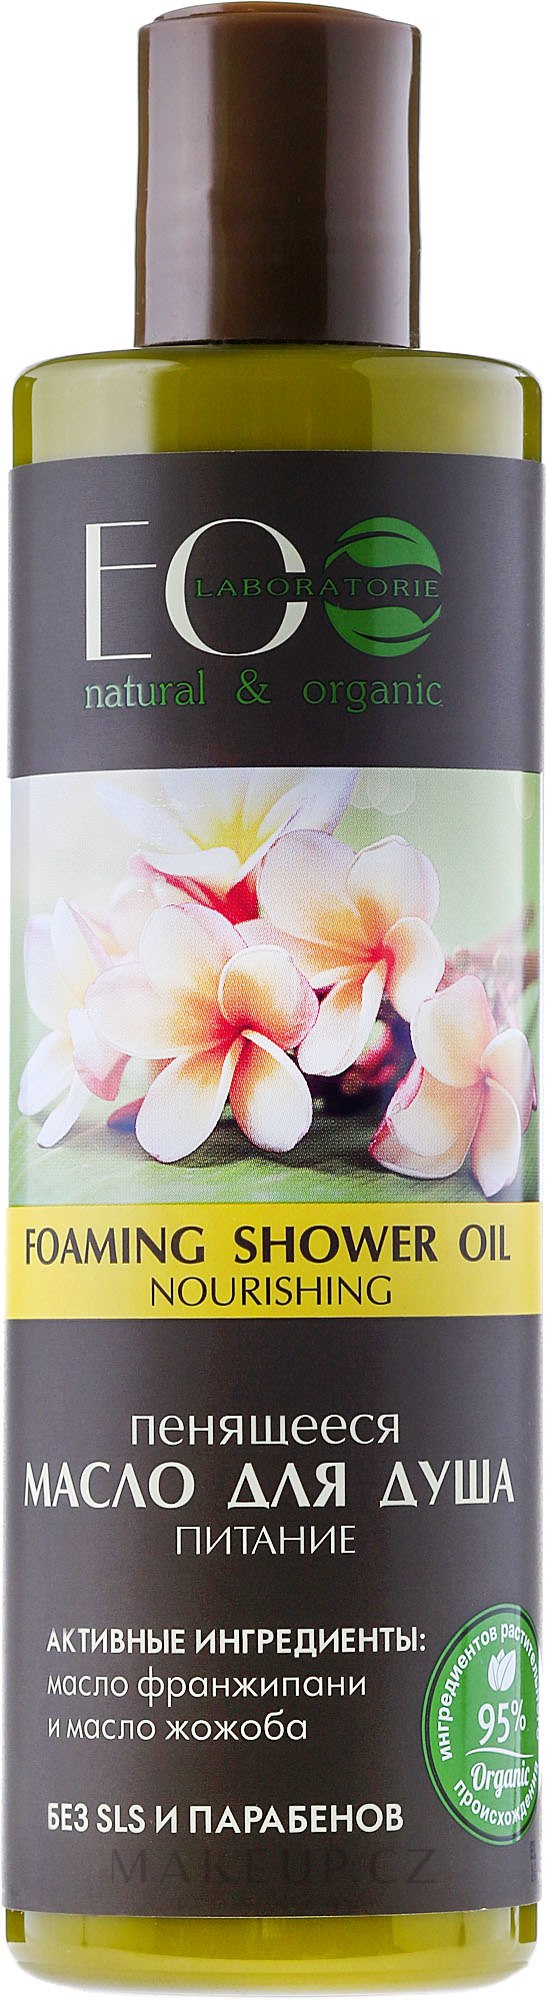 """Pěnivý olej do sprchy """"Napájení"""" - ECO Laboratorie Foaming Shower Oil Nourishing — foto 250 ml"""